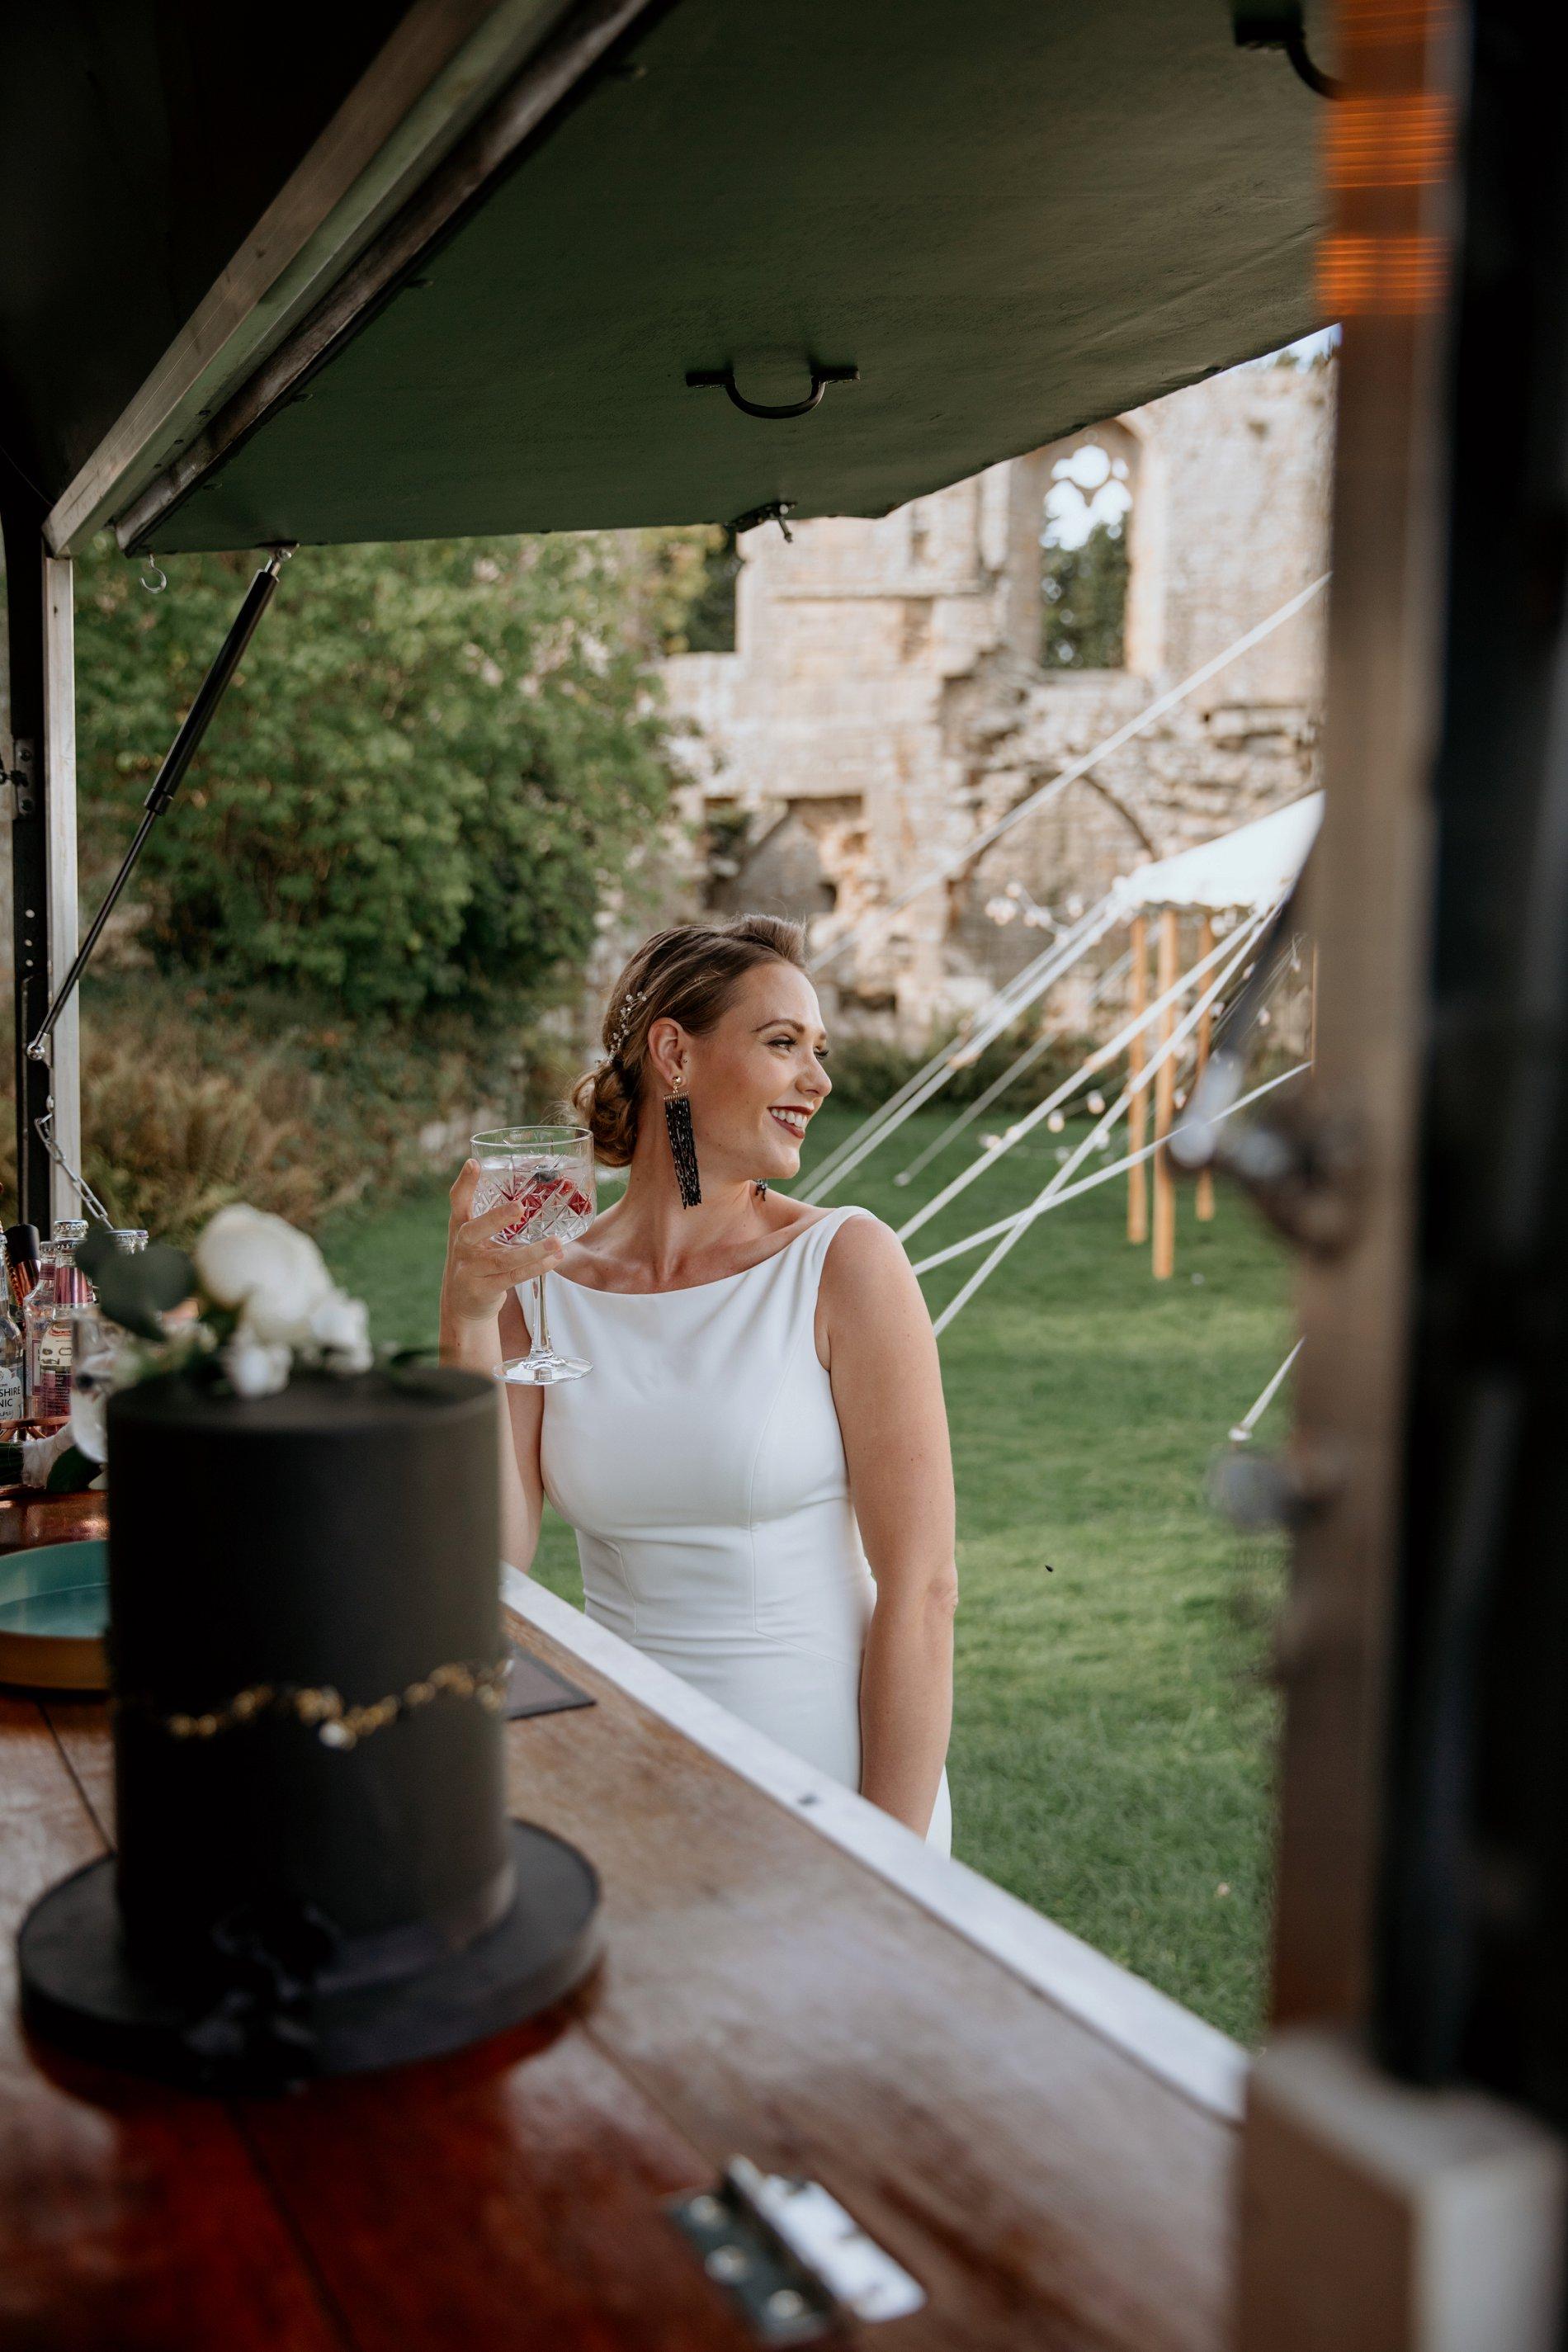 An Elegant Wedding Shoot at Jervaulx Abbey (c) Natalie Hamilton Photography (35)